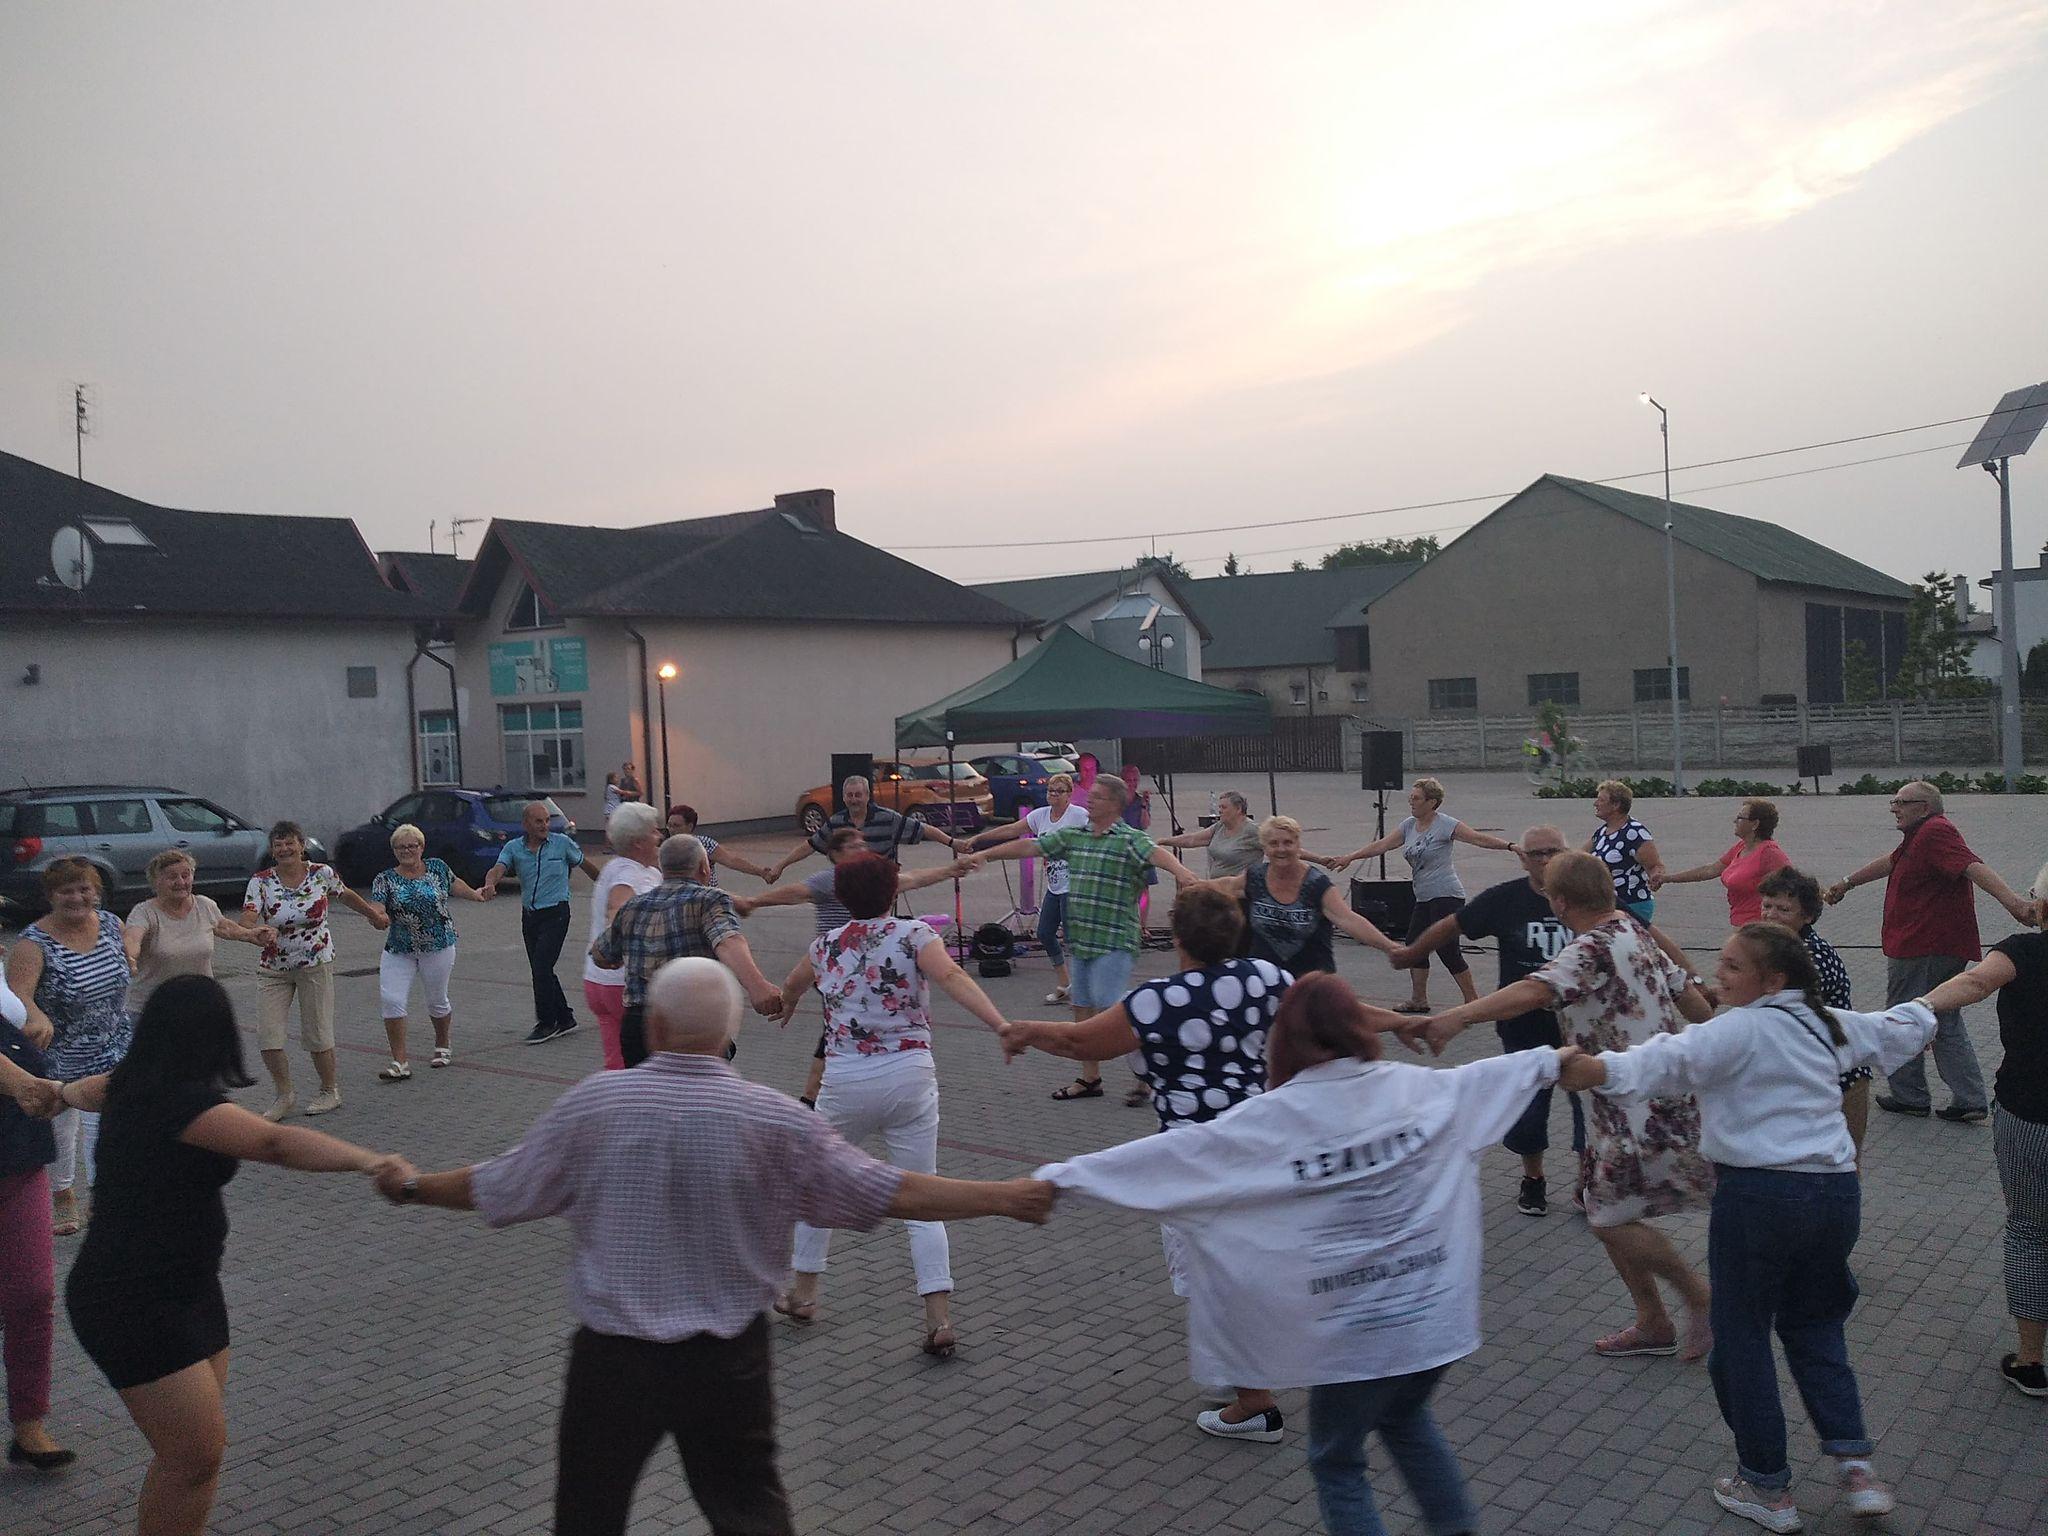 zdjęcie z imprezy MUZYCZNE SPOTKANIE DLA SENIORÓW